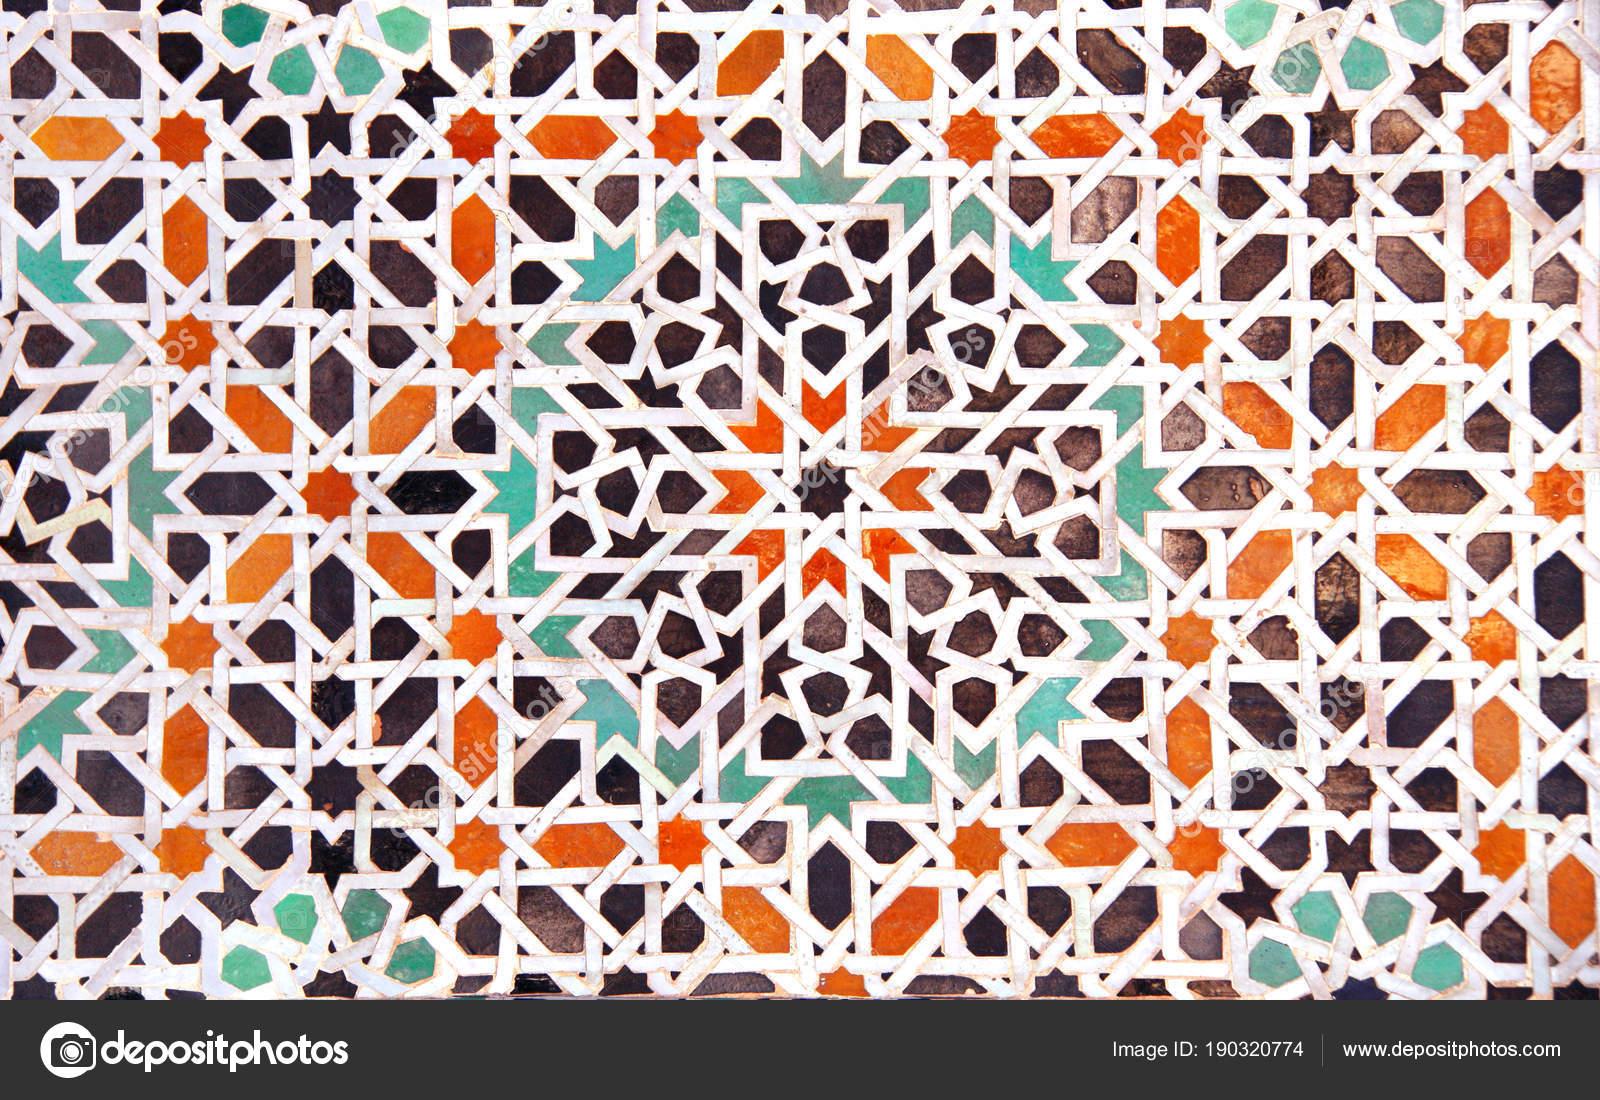 Dettaglio della parete di mosaico tradizionale marocchina marocco